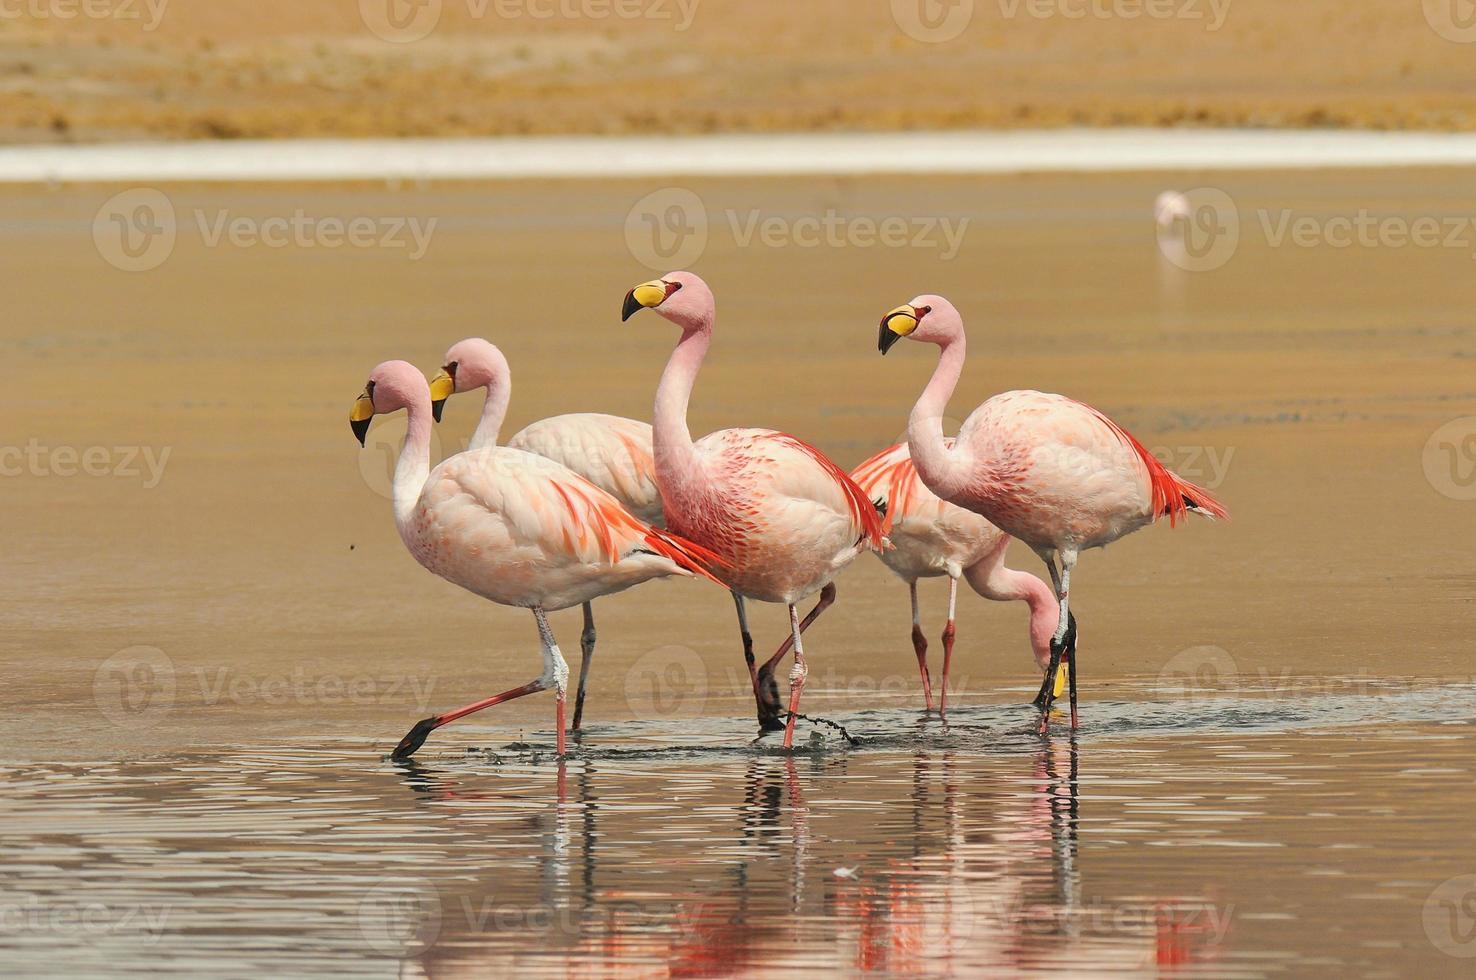 Flamingos at Canapa Lagoon. photo